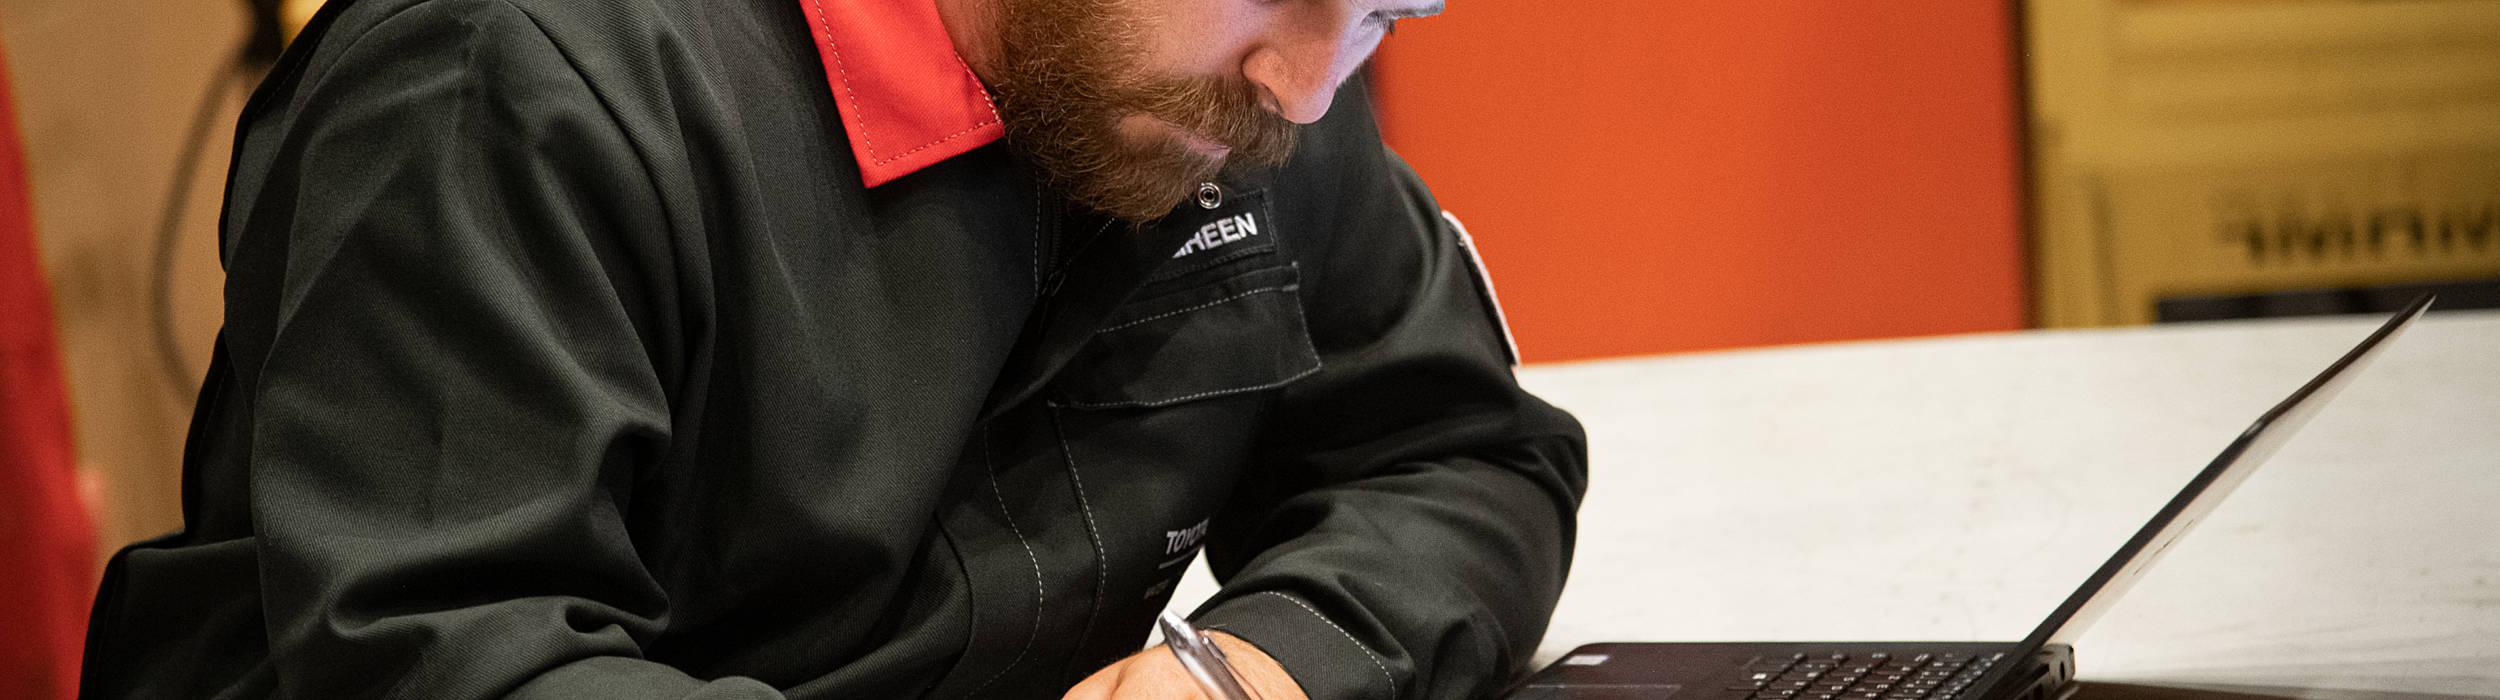 Hombre tomando notas en una oficina